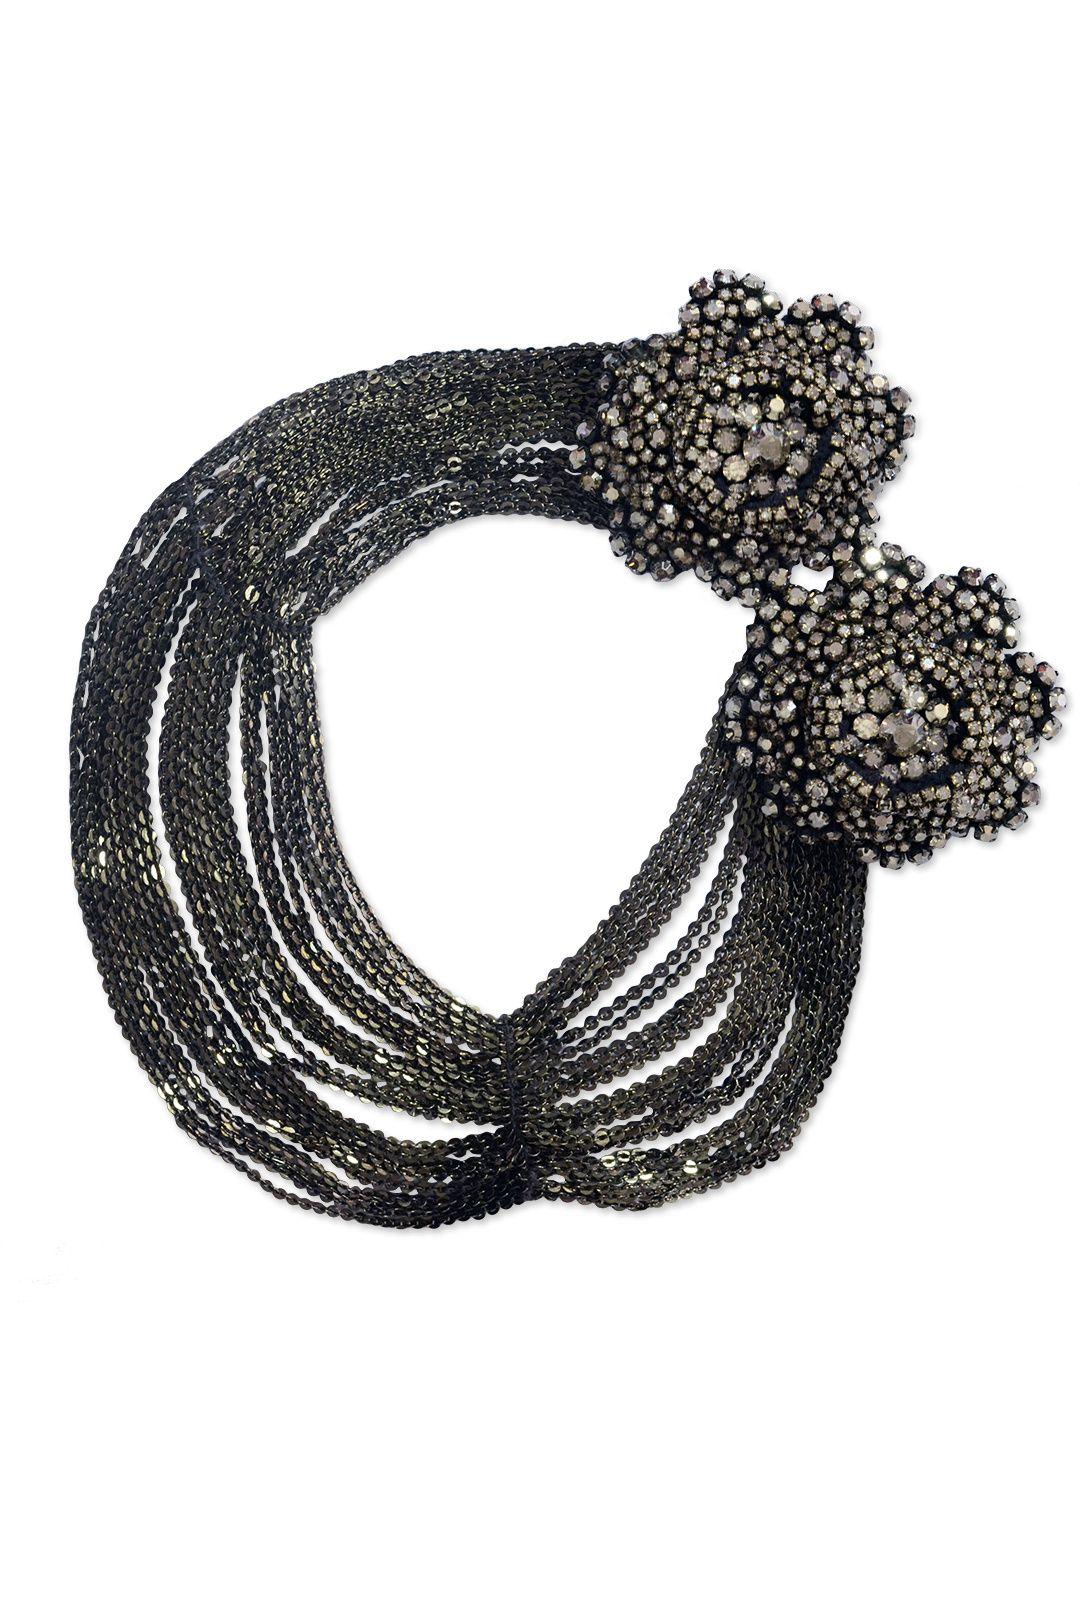 Vera Wang Accessories Black Dahlia Necklace Necklace